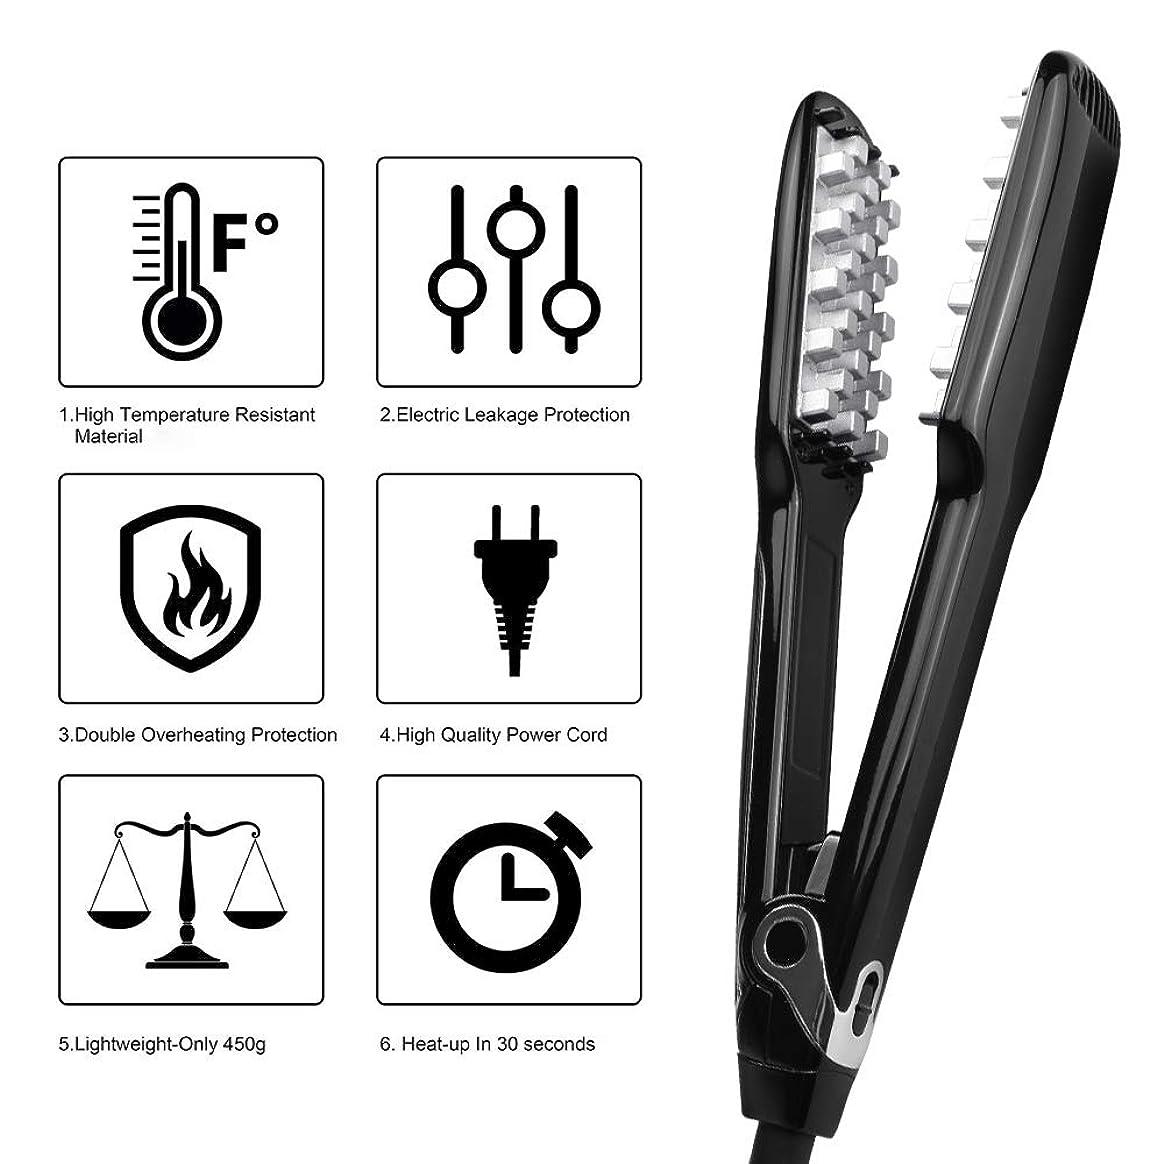 亜熱帯補充セグメント増毛ヘアアイロンと LCD ディスプレイプロフェッショナルヘアスタイリングツールポータブル個人的な使用のために適したロングショートヘアブラック